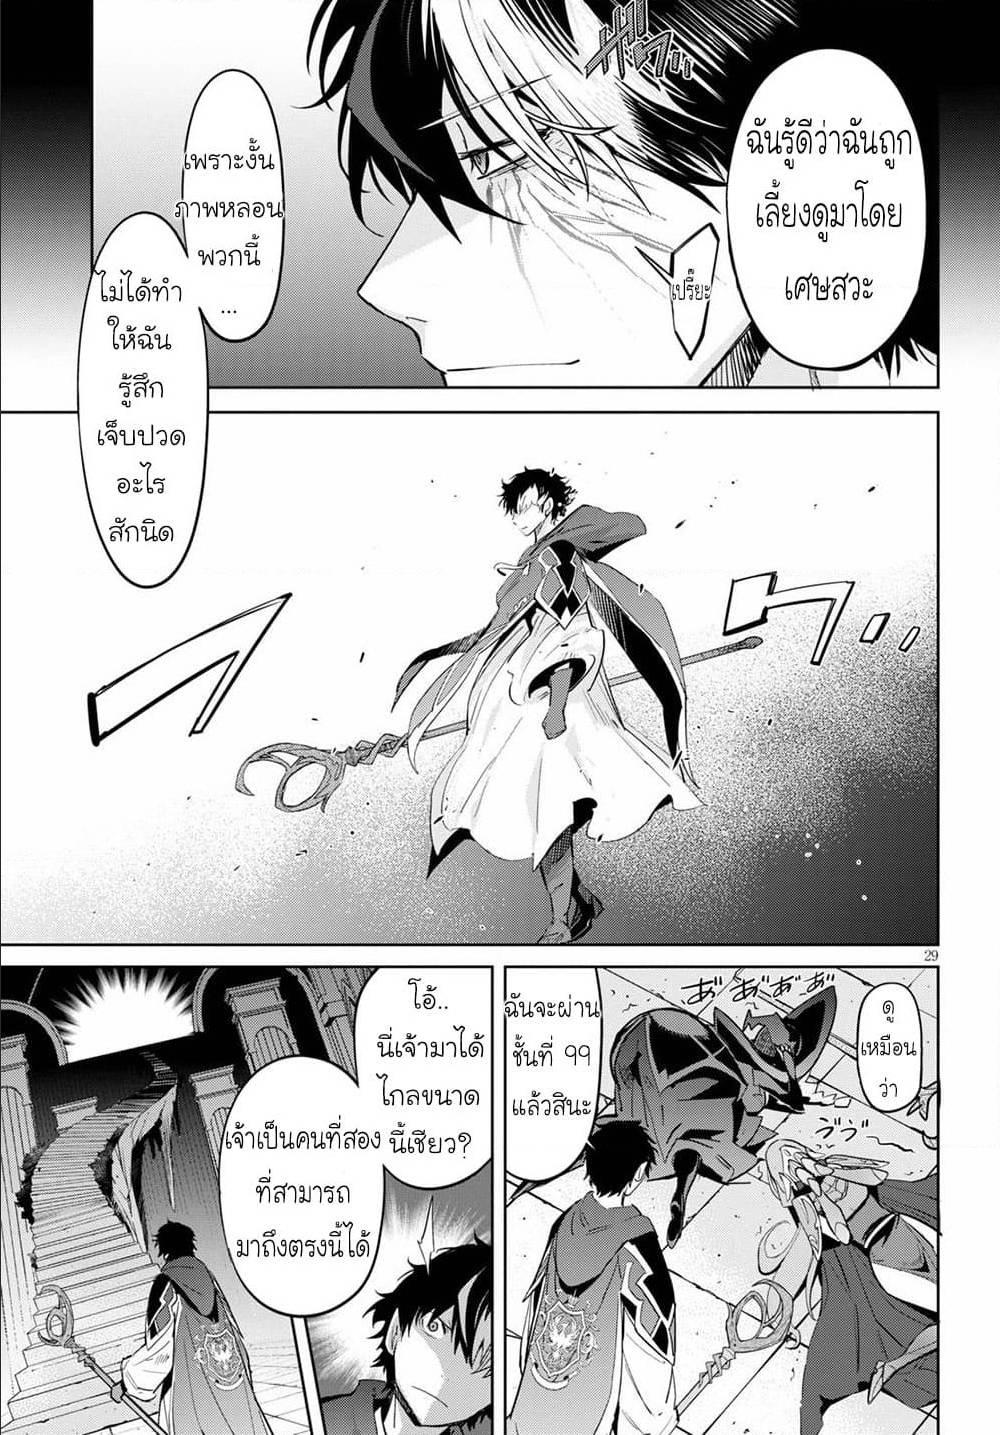 อ่านการ์ตูน Game obu Familia - Family Senki ตอนที่ 27 หน้าที่ 28